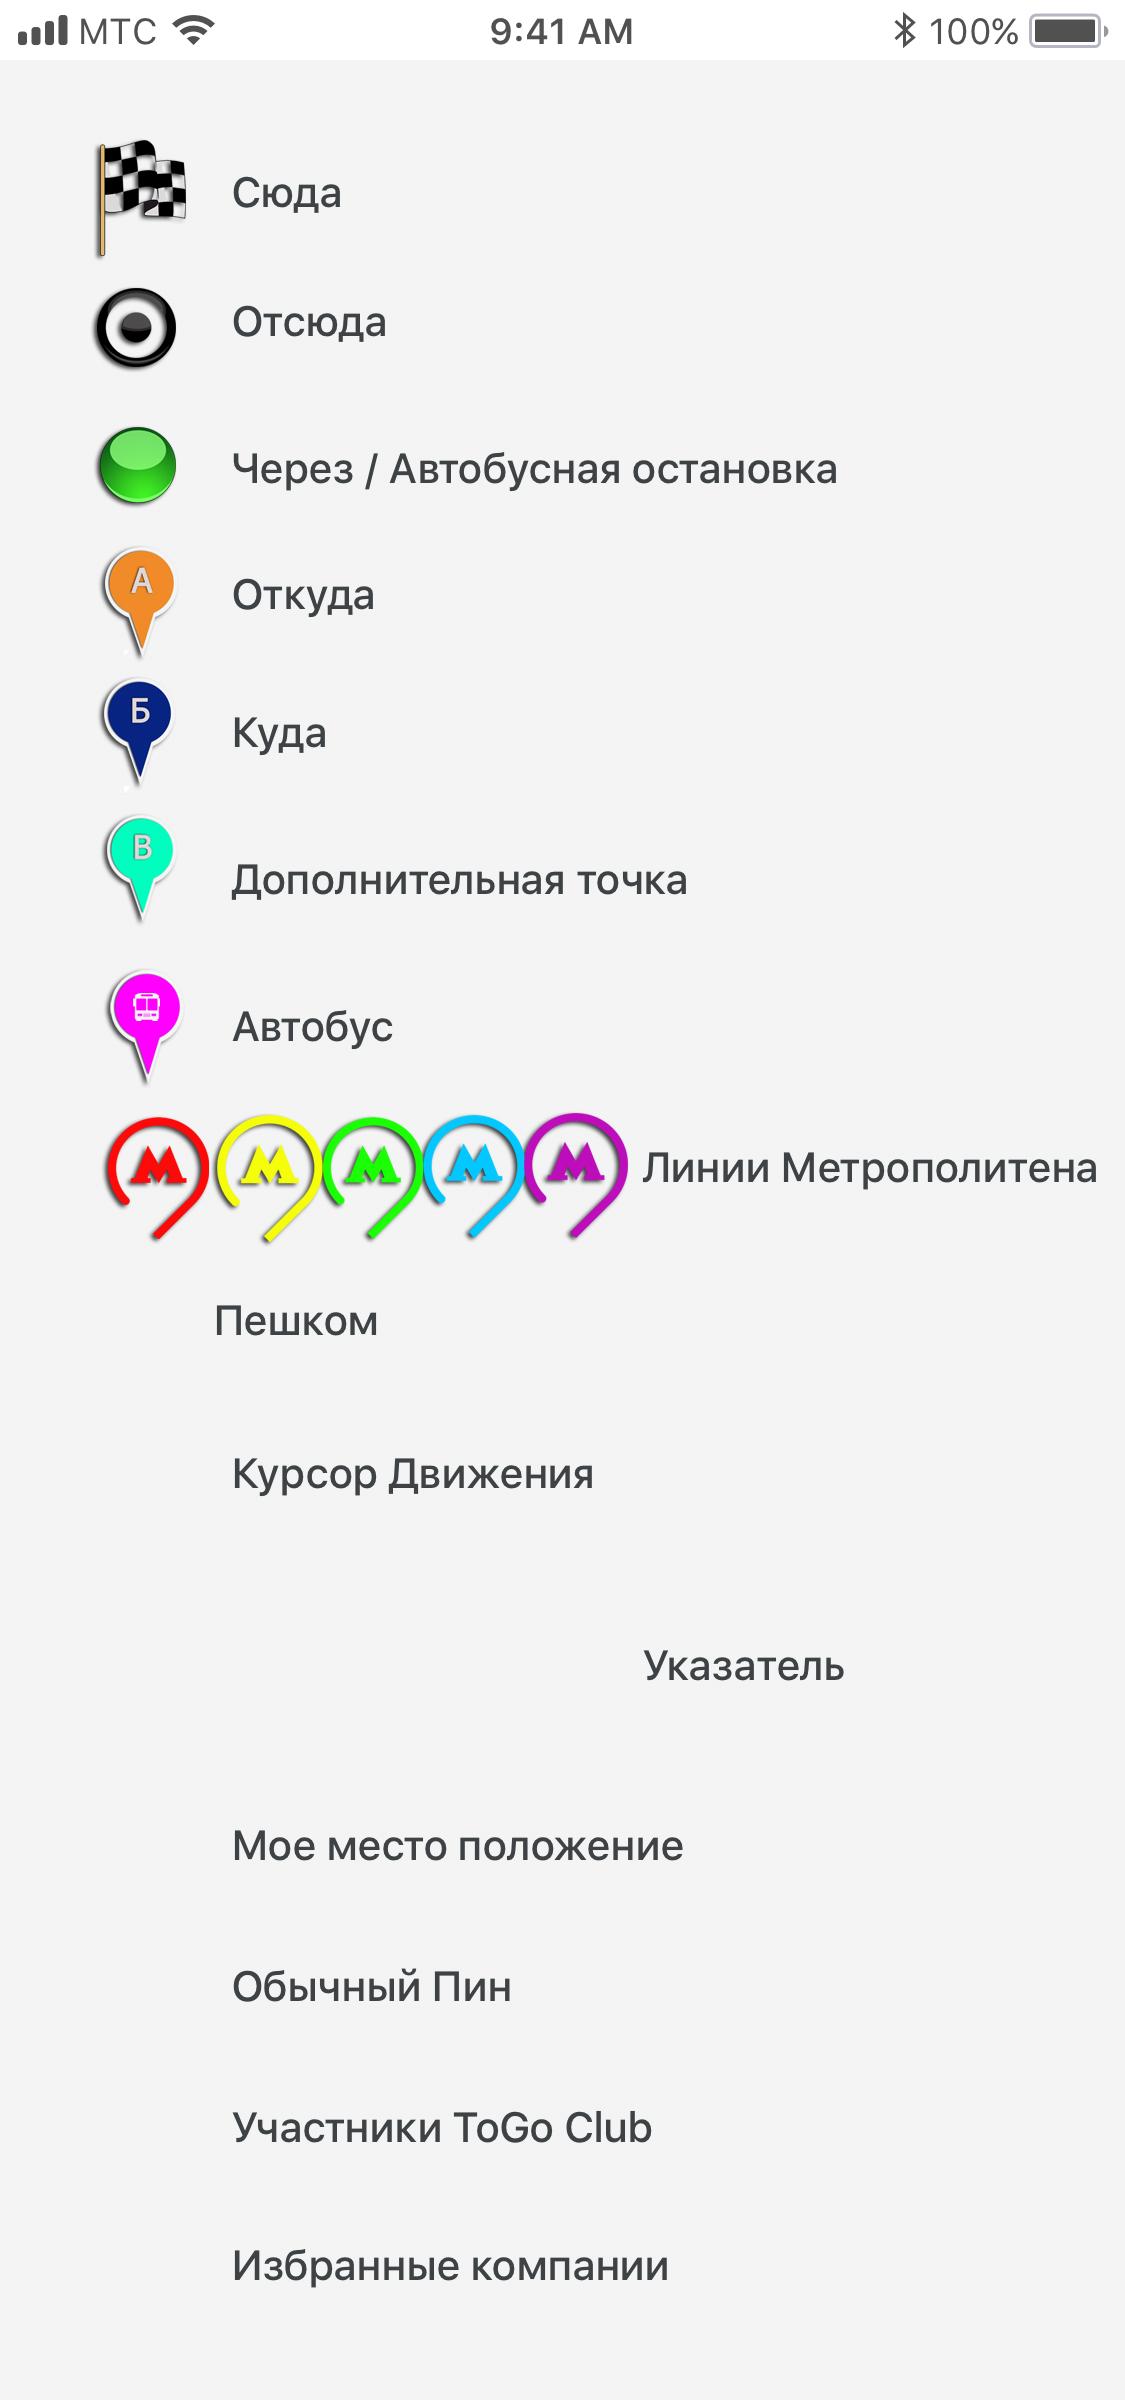 Иконки на карту. фото f_8115afbe9195b5d1.jpg